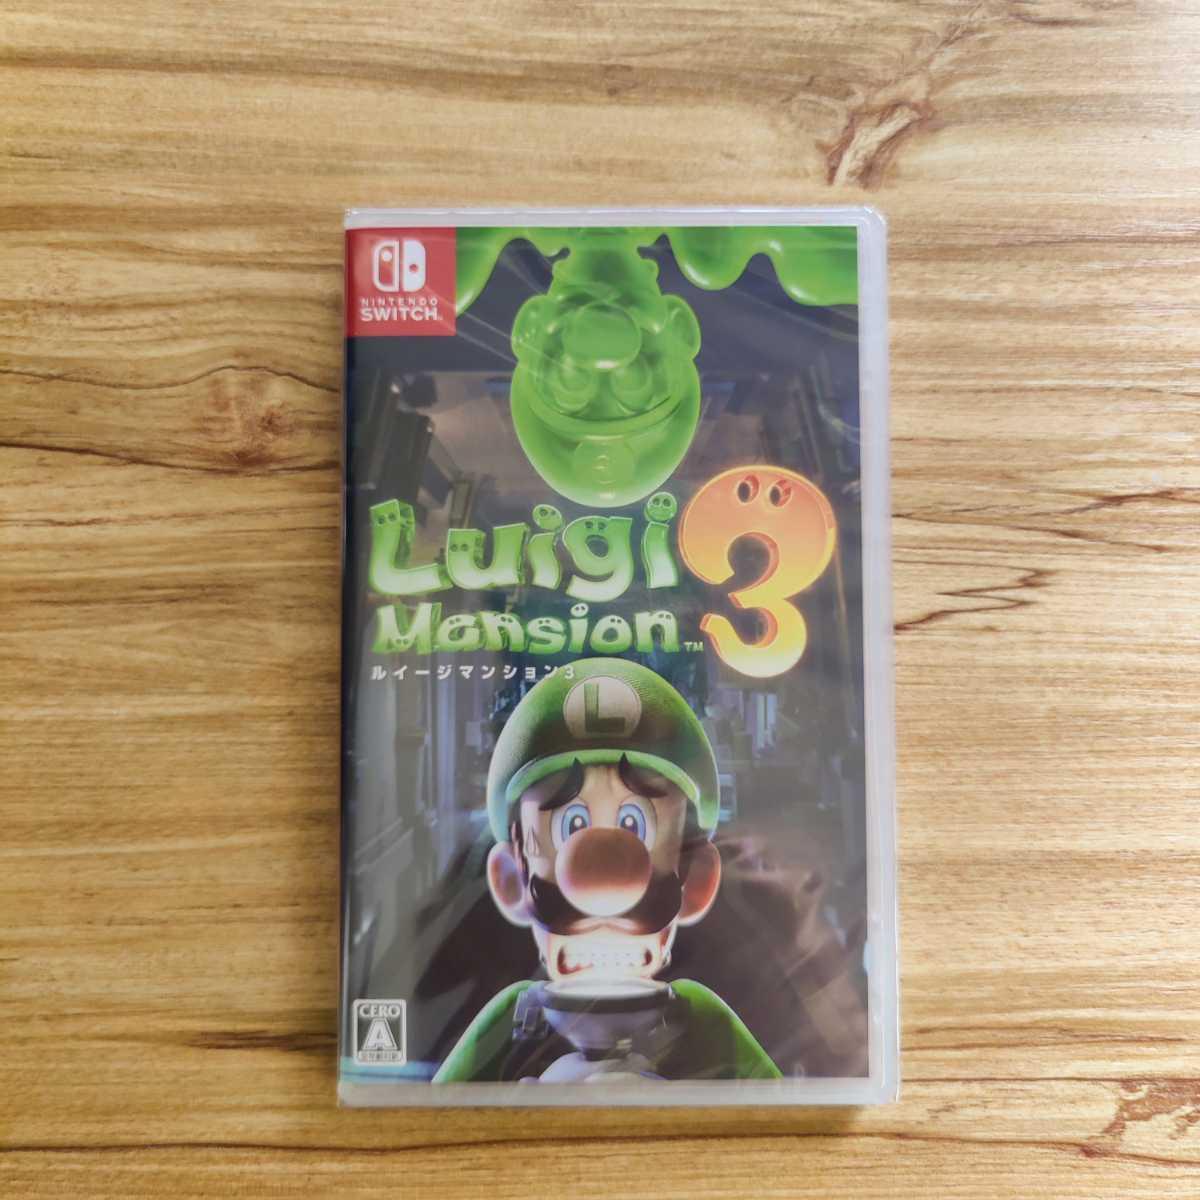 【新品・送料無料・匿名発送】ルイージマンション3 Nintendo Switch ソフト シュリンクつき